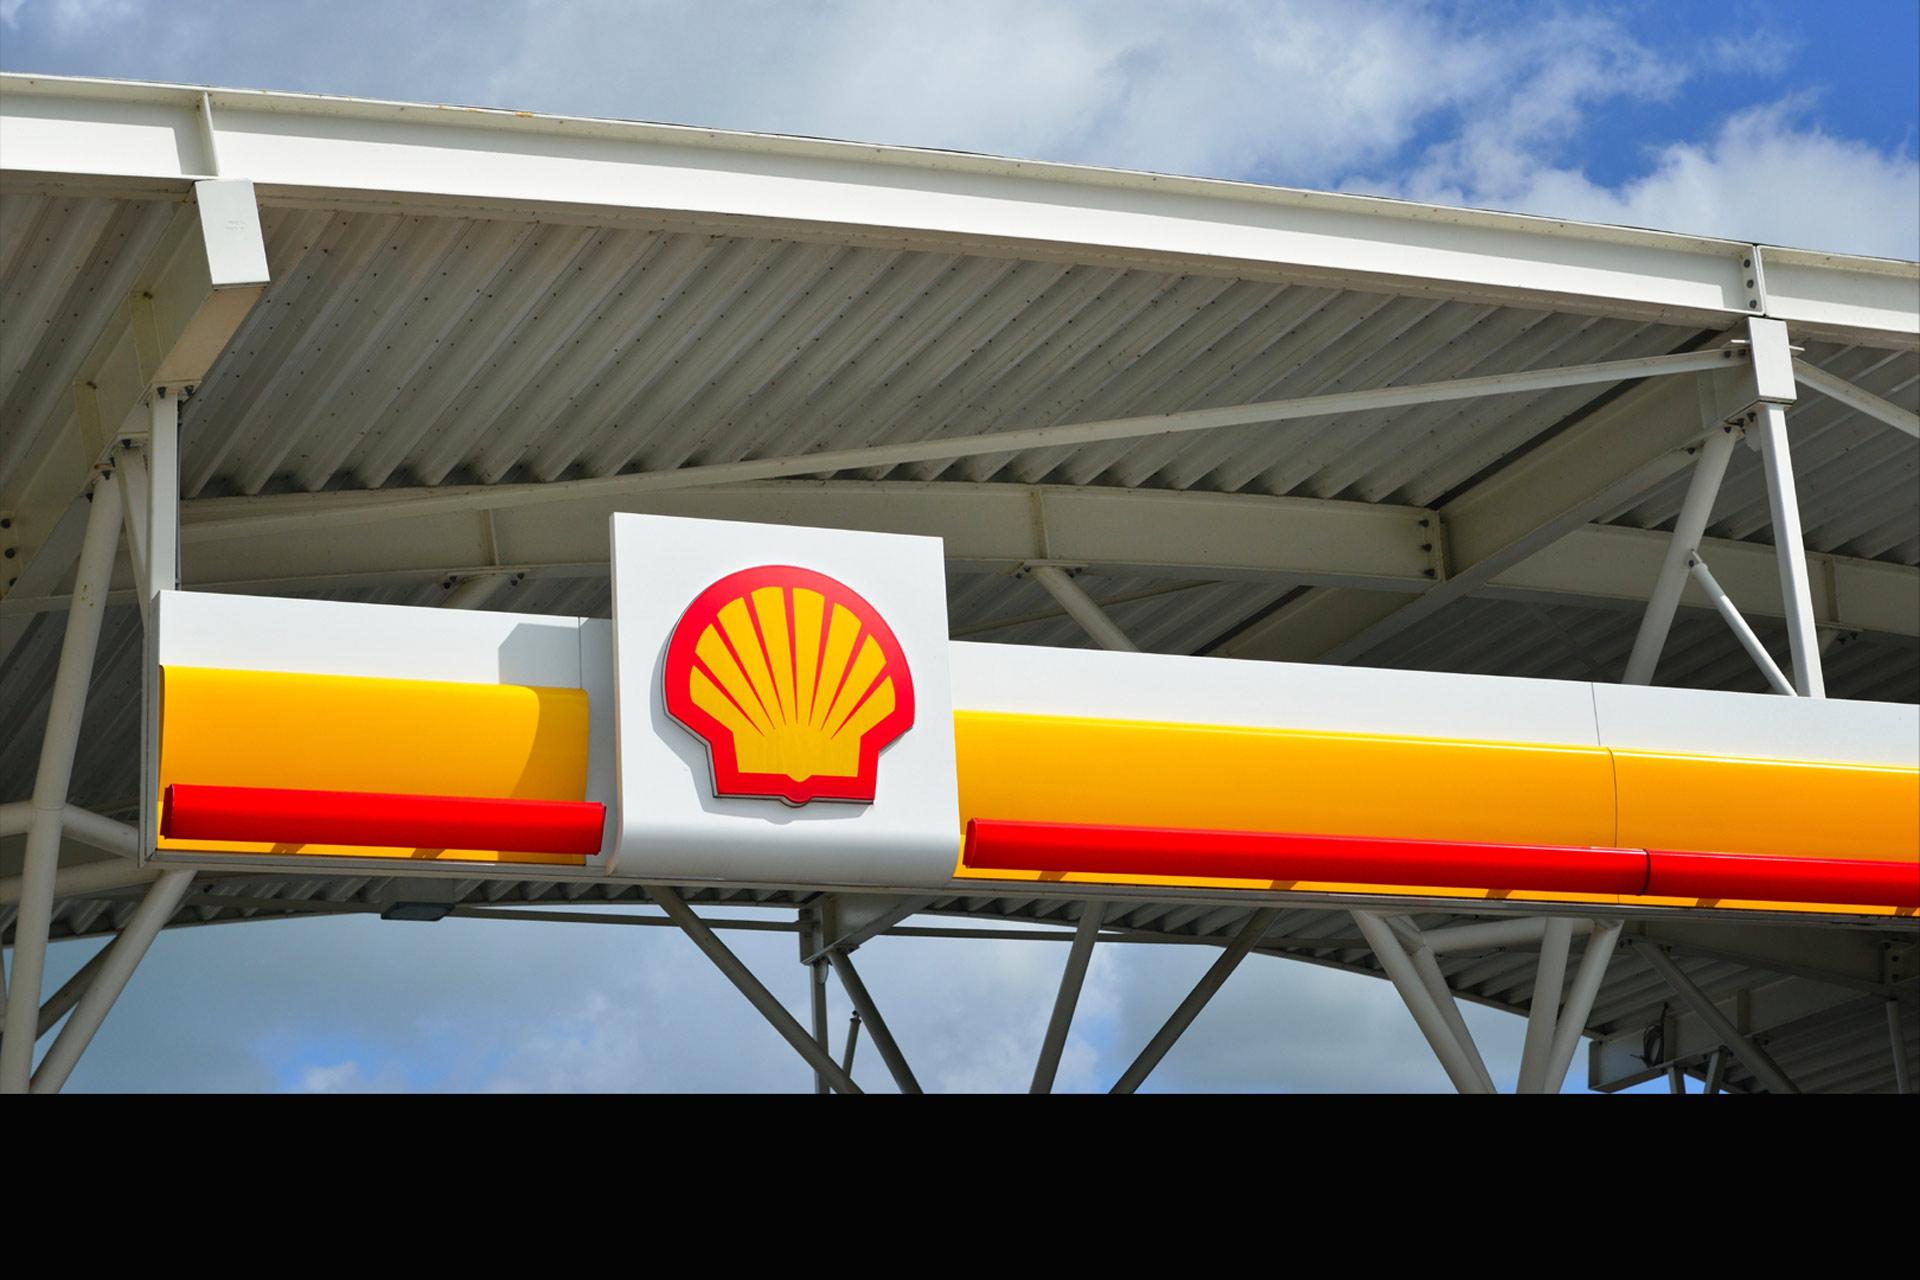 La petrolera anunció que pone fin a sus excavaciones en el Ártico estadounidense en busca de crudo